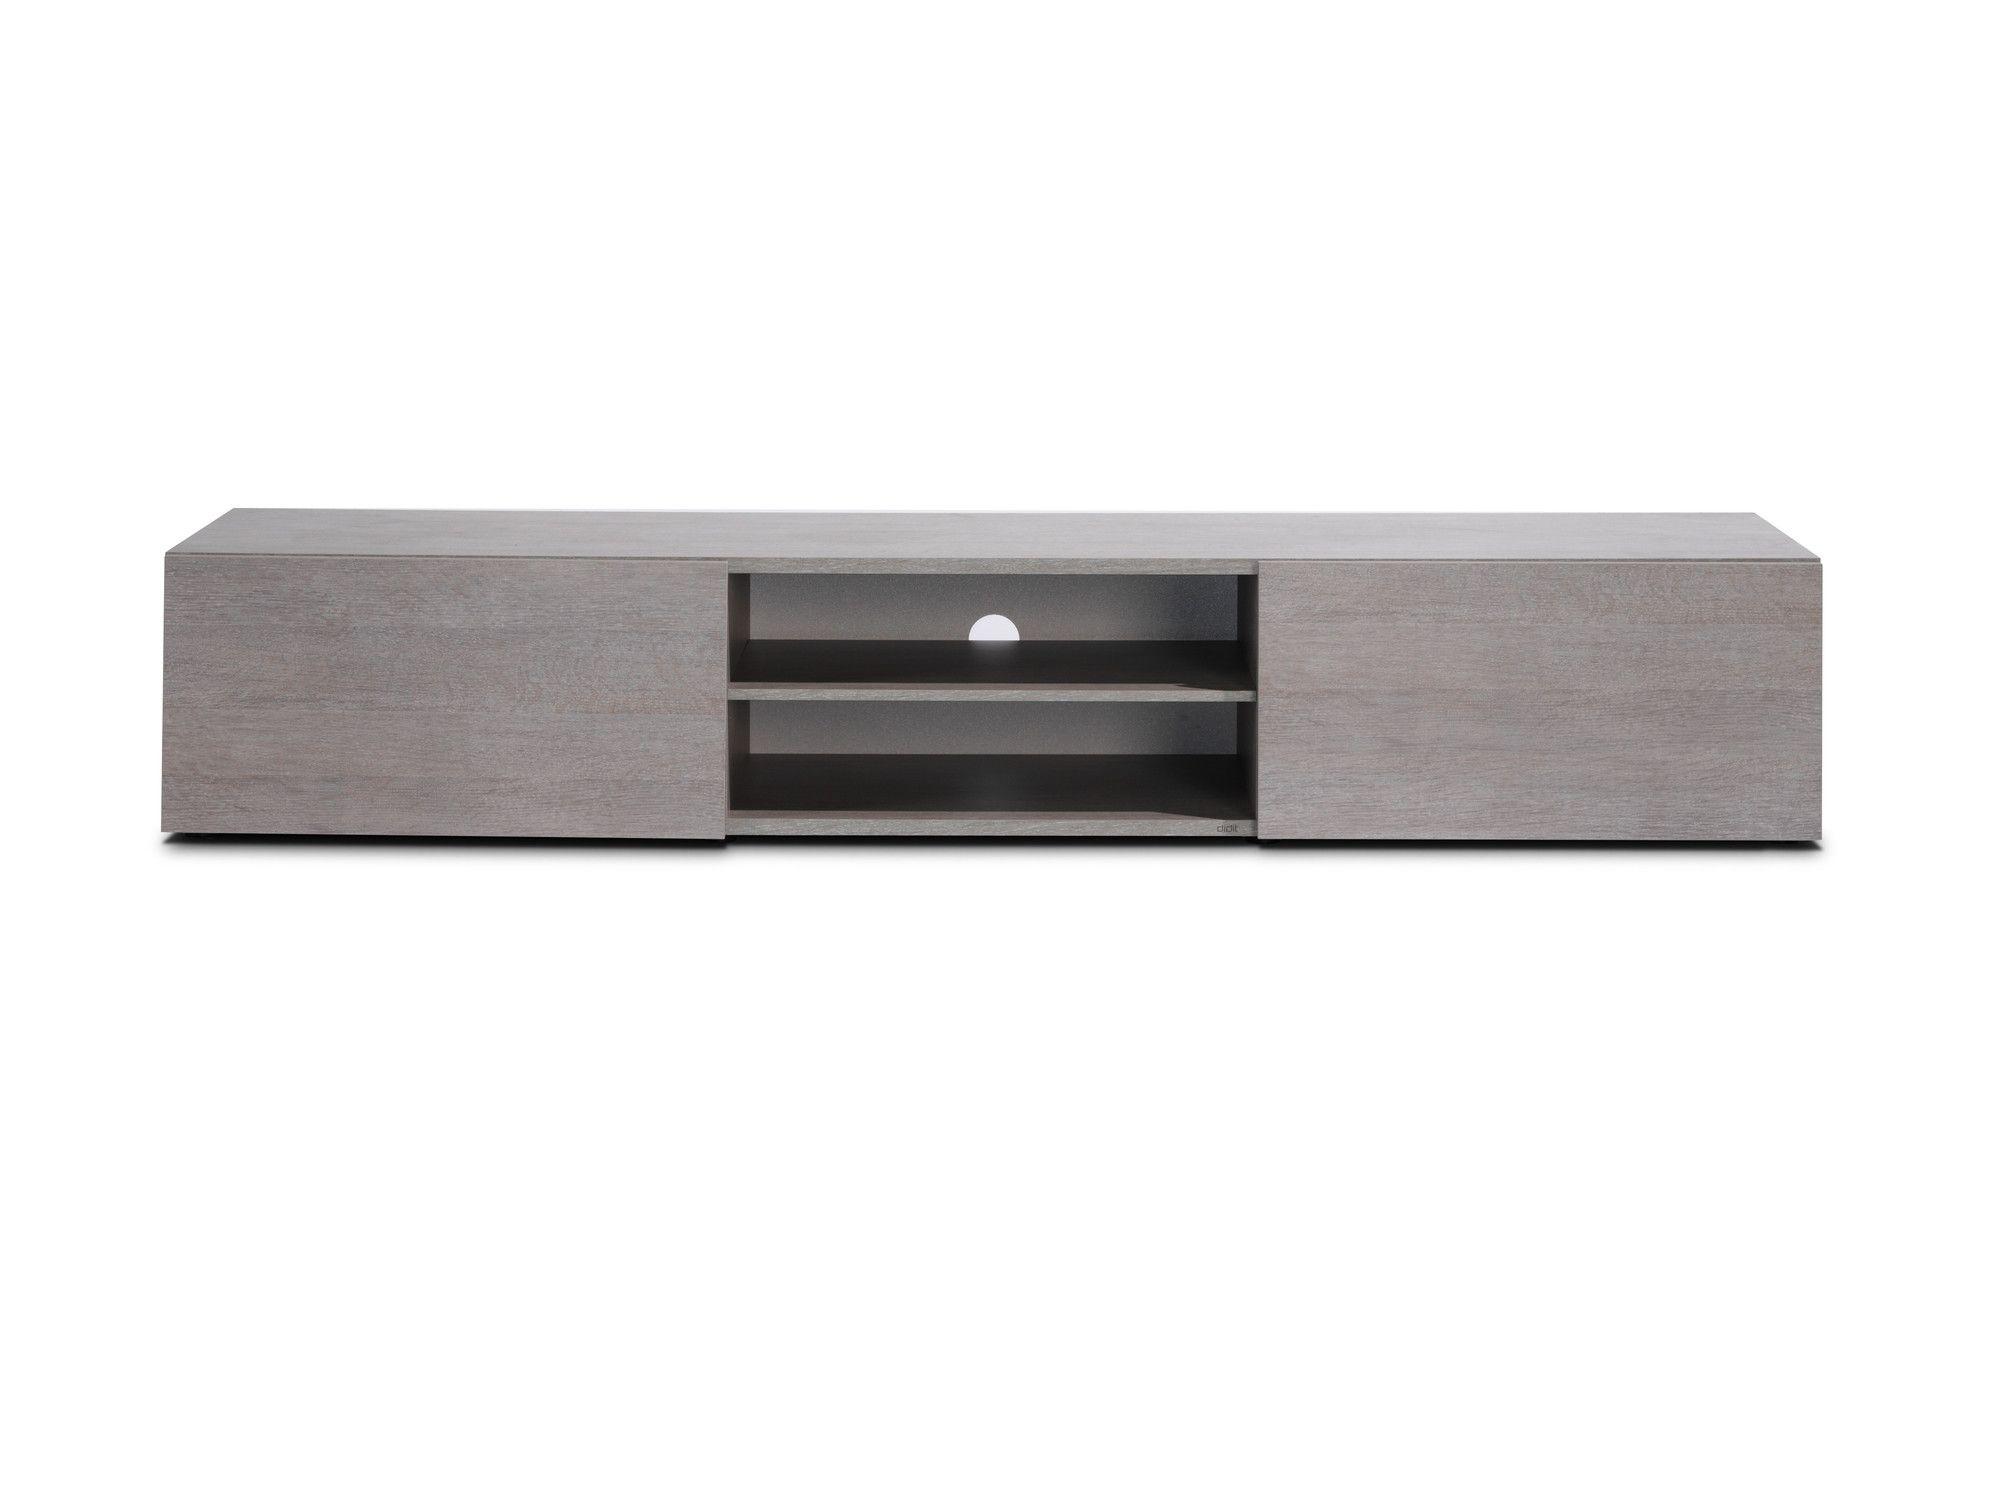 Didit Click Furniture 70 Tv Stand Allmodern Furniture